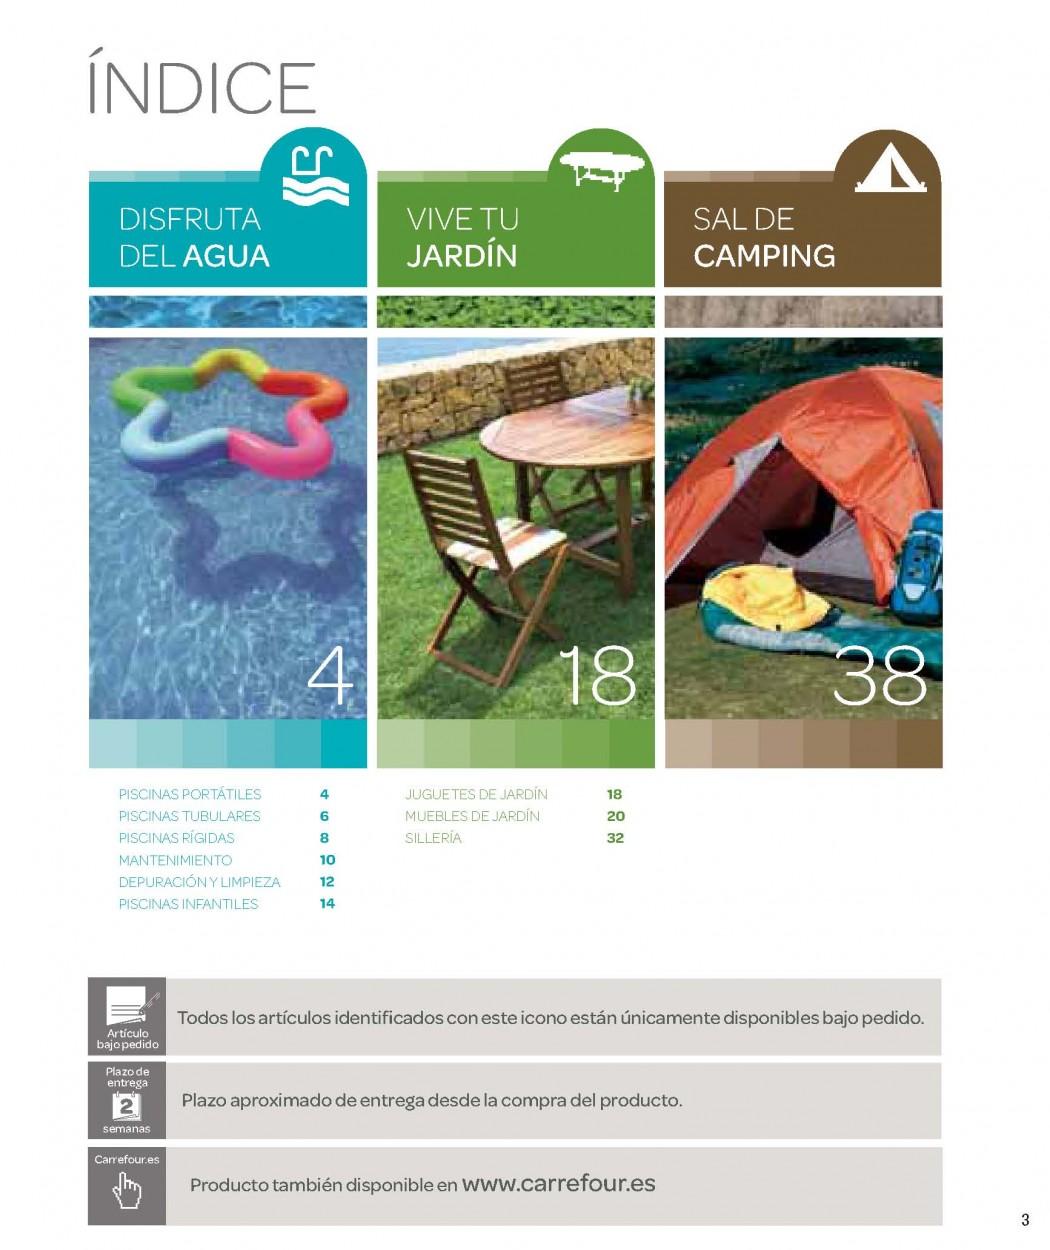 Catalogo Carrefour Junio 2012 - Especial Piscinas y Jardin_Page_03